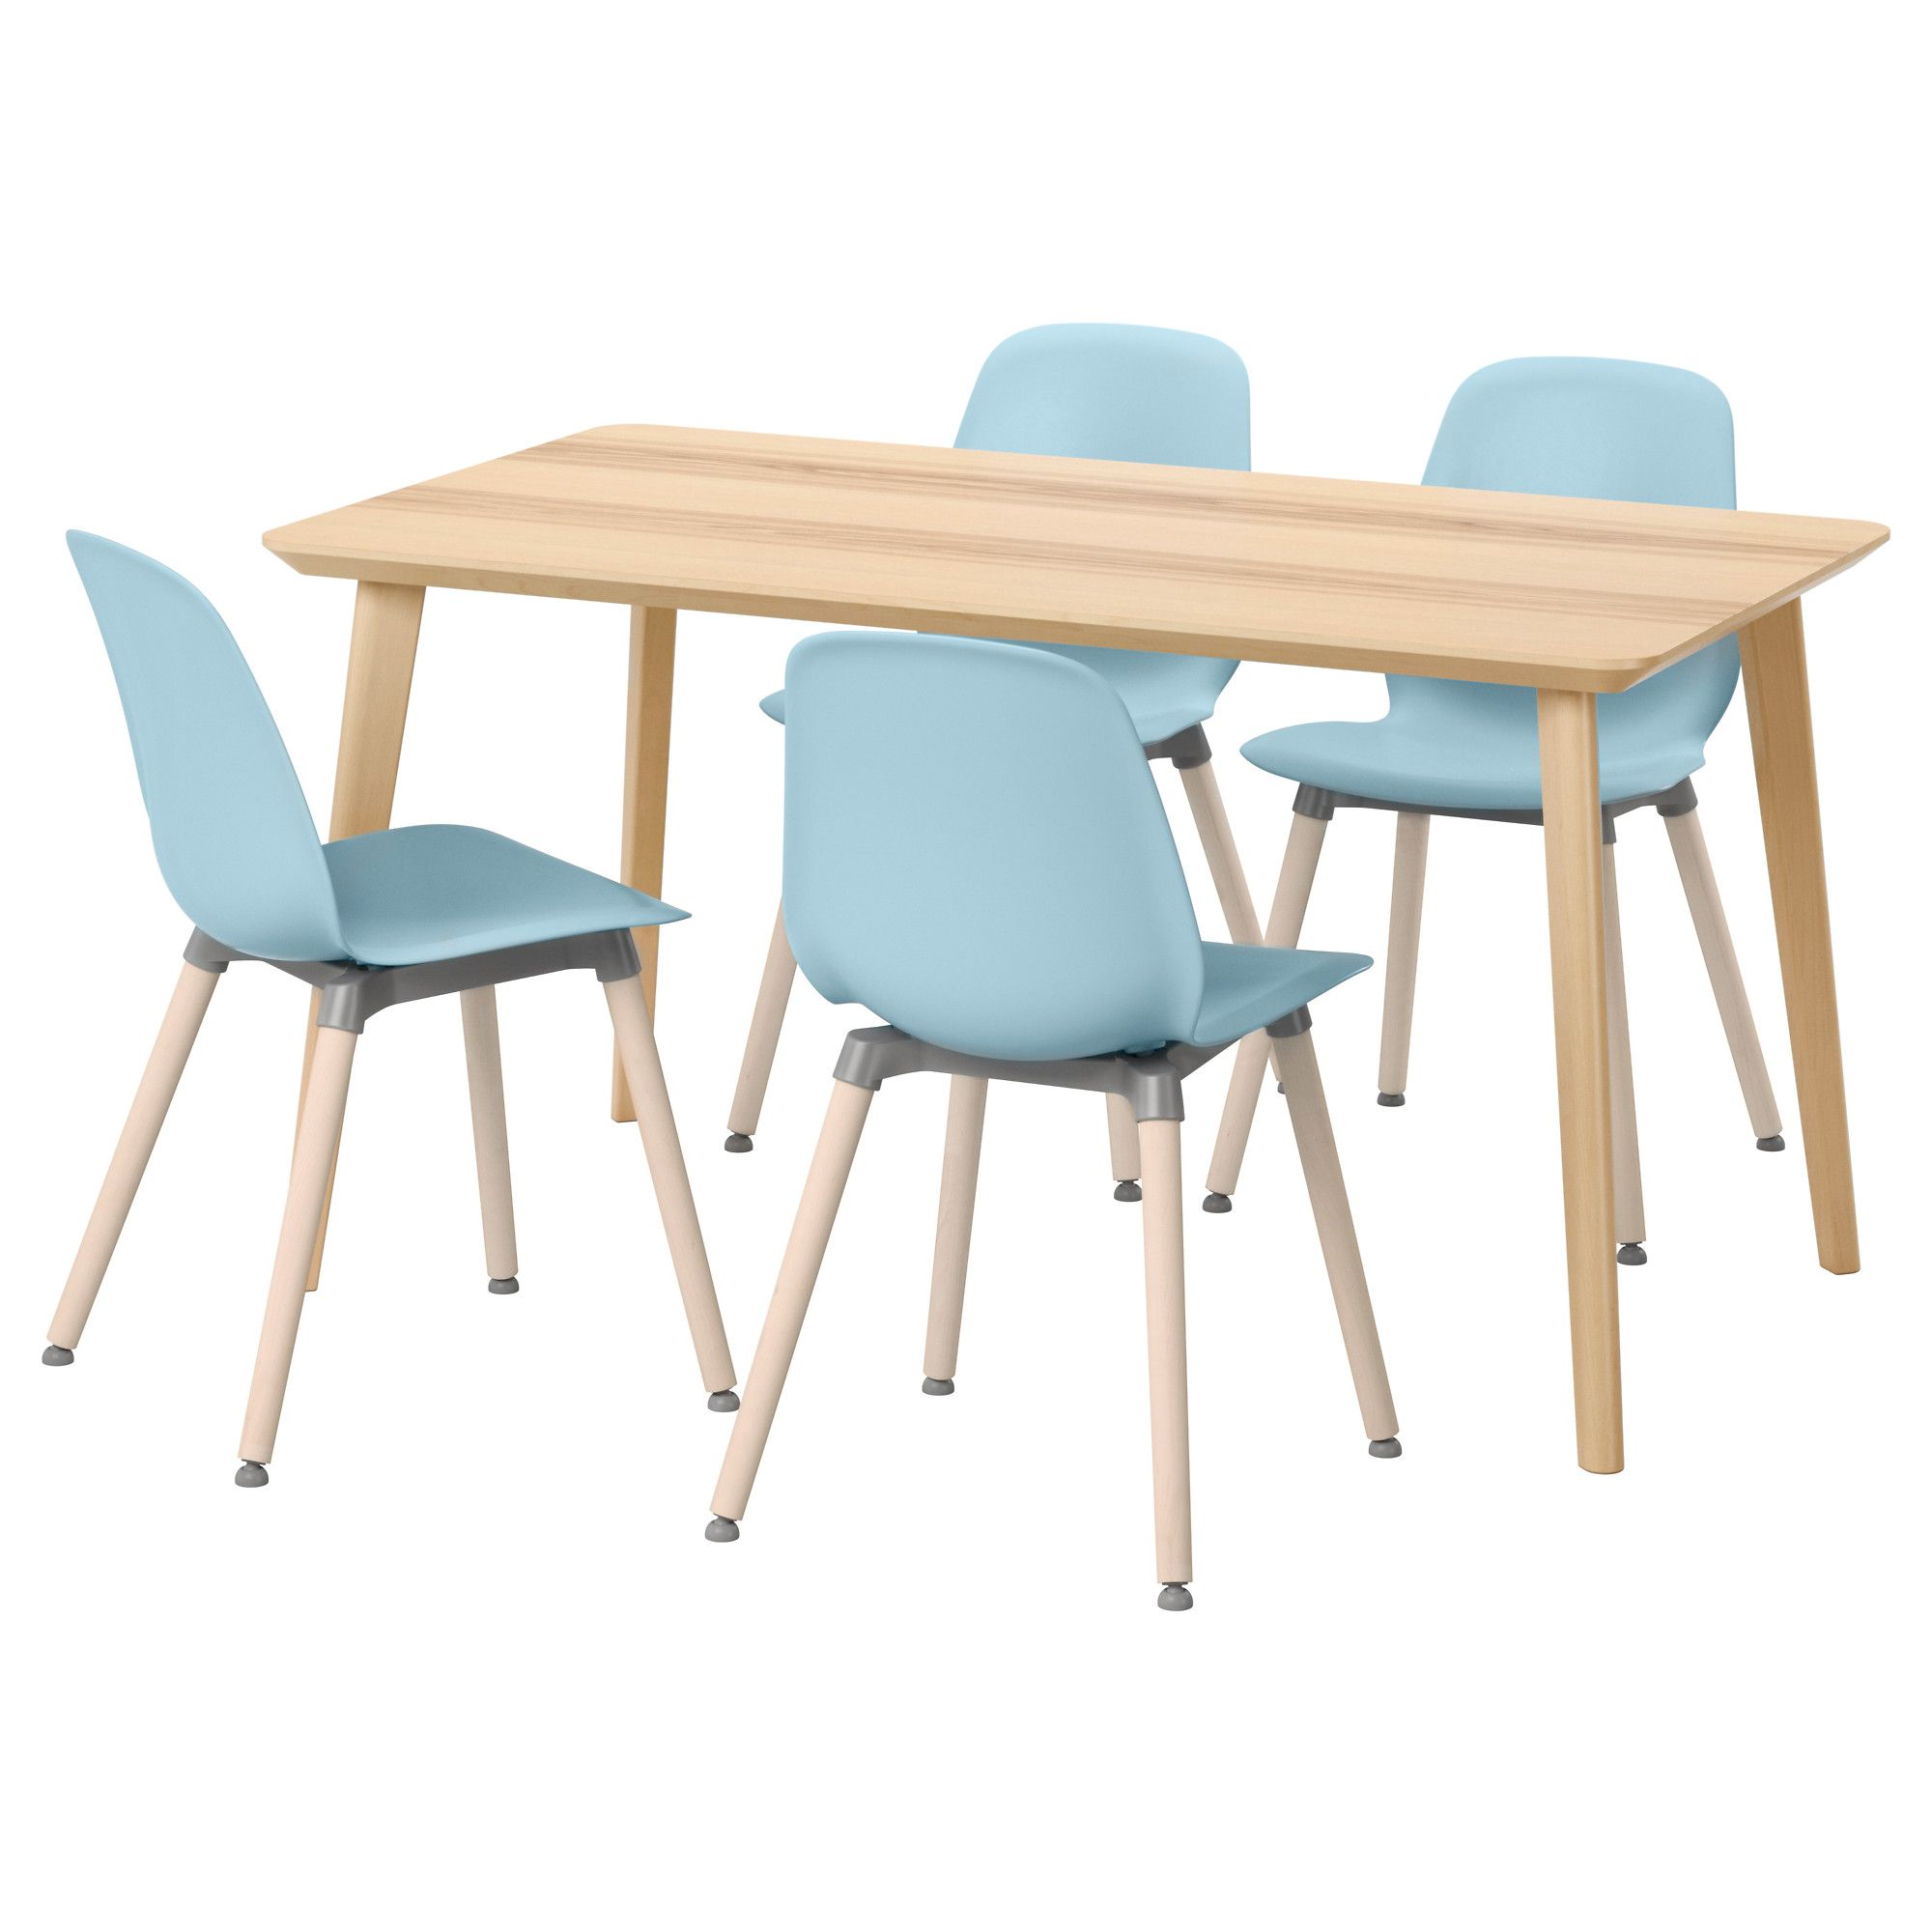 Ikea rivoluziona il modo di montare i mobili bigodino - Montare cucina ikea ...